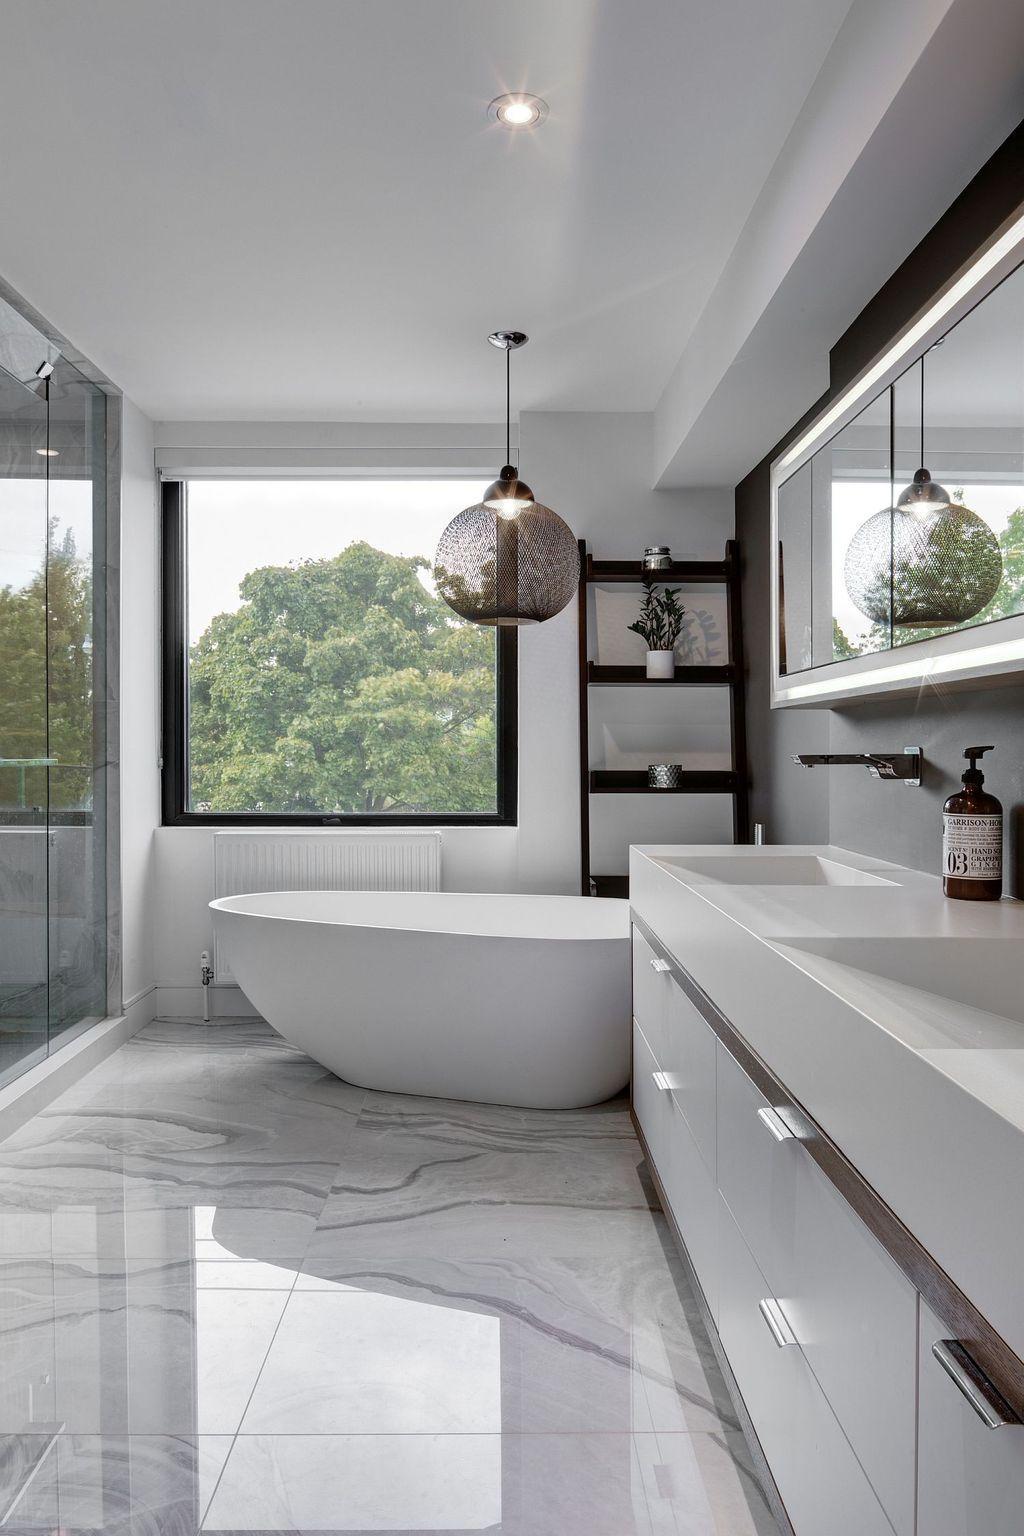 48 How To Design A Popular Bathtub Bathroom In 2019 2019